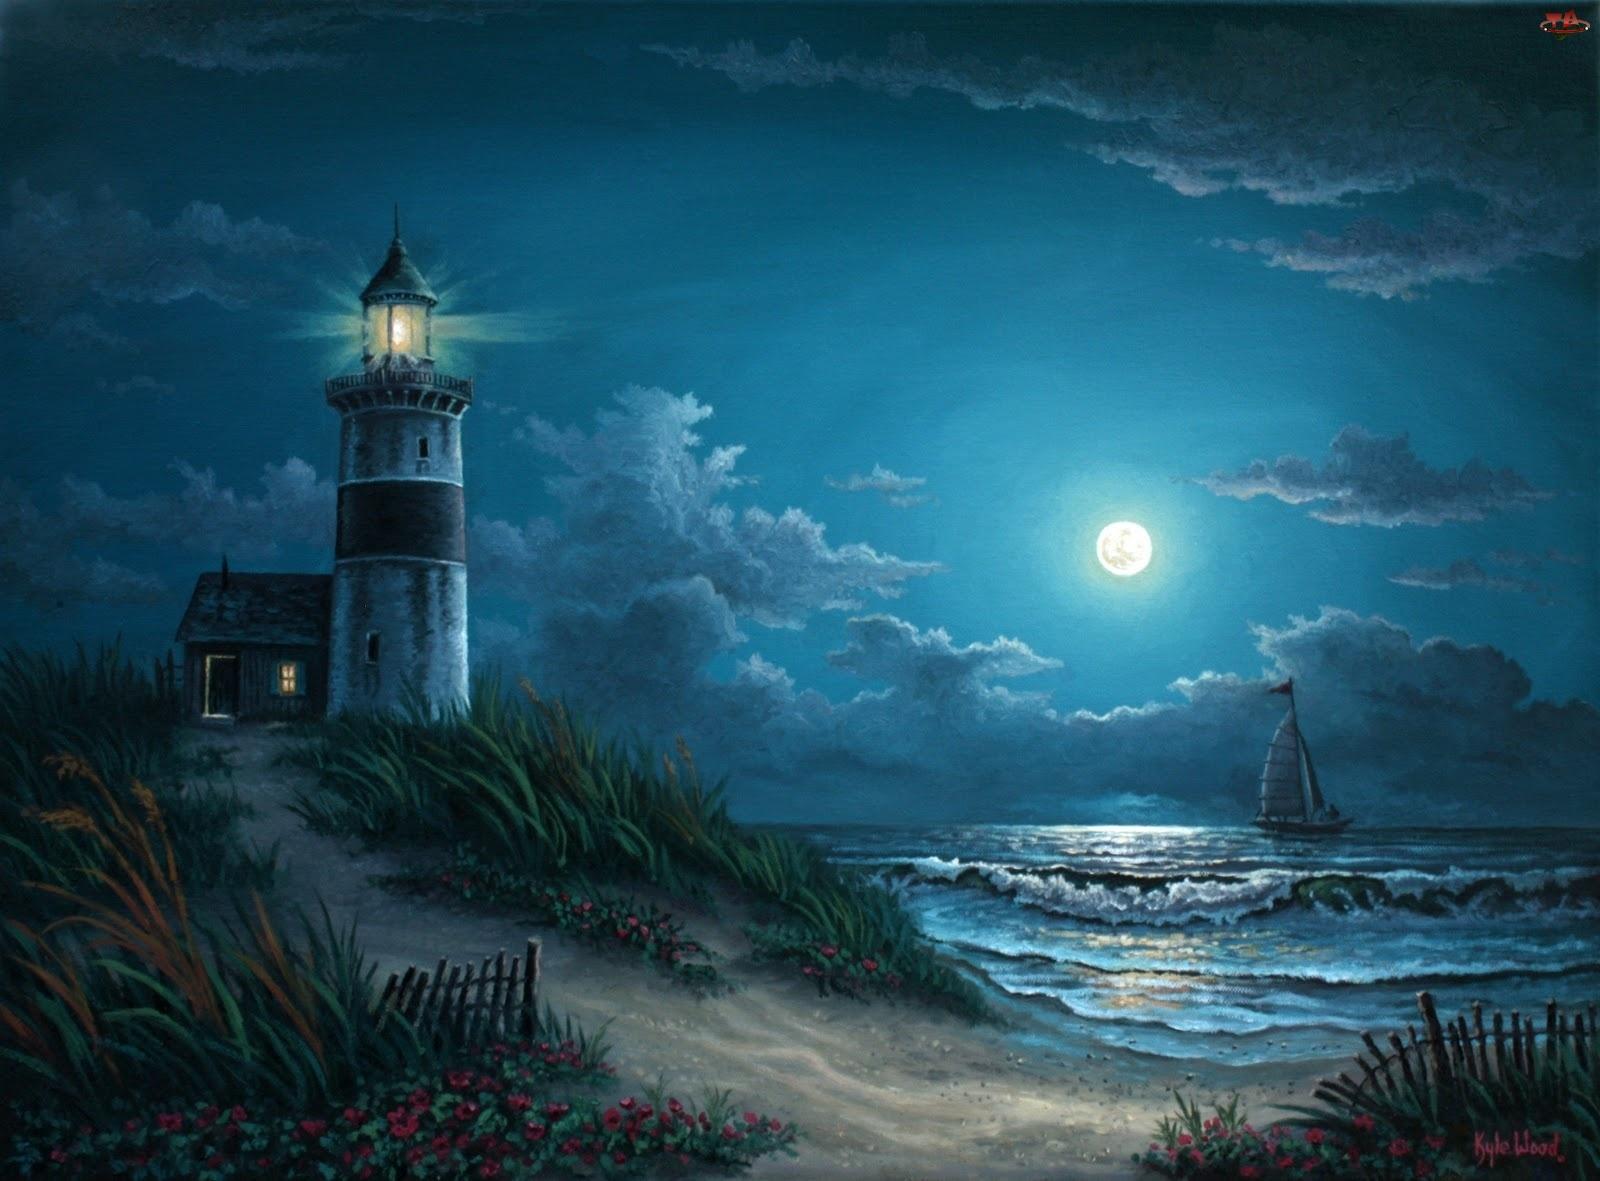 Latarnia Morska, Księżyc, Morze, Noc